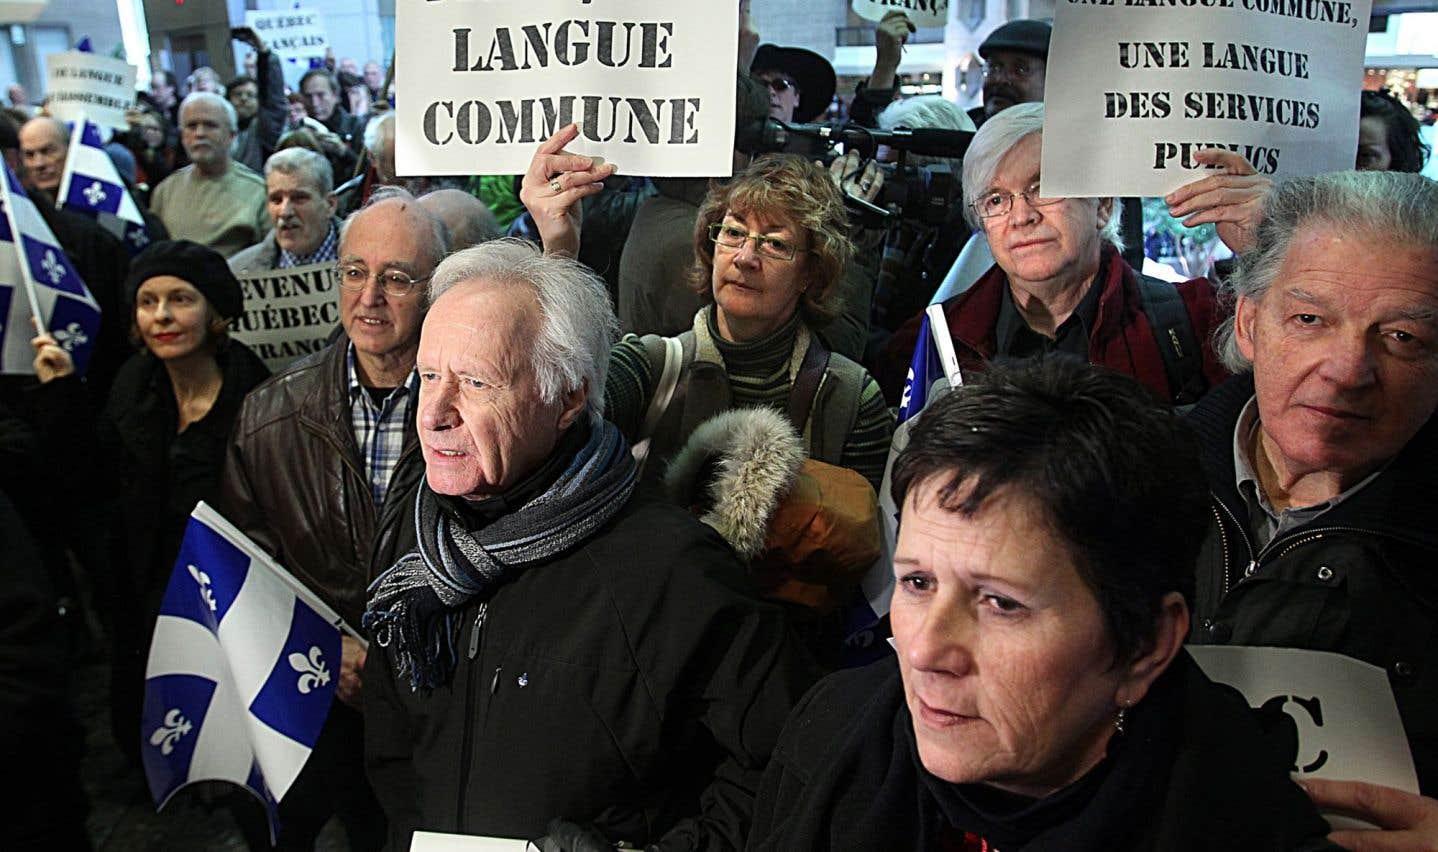 Le droit de travailler en français au Québec menacé